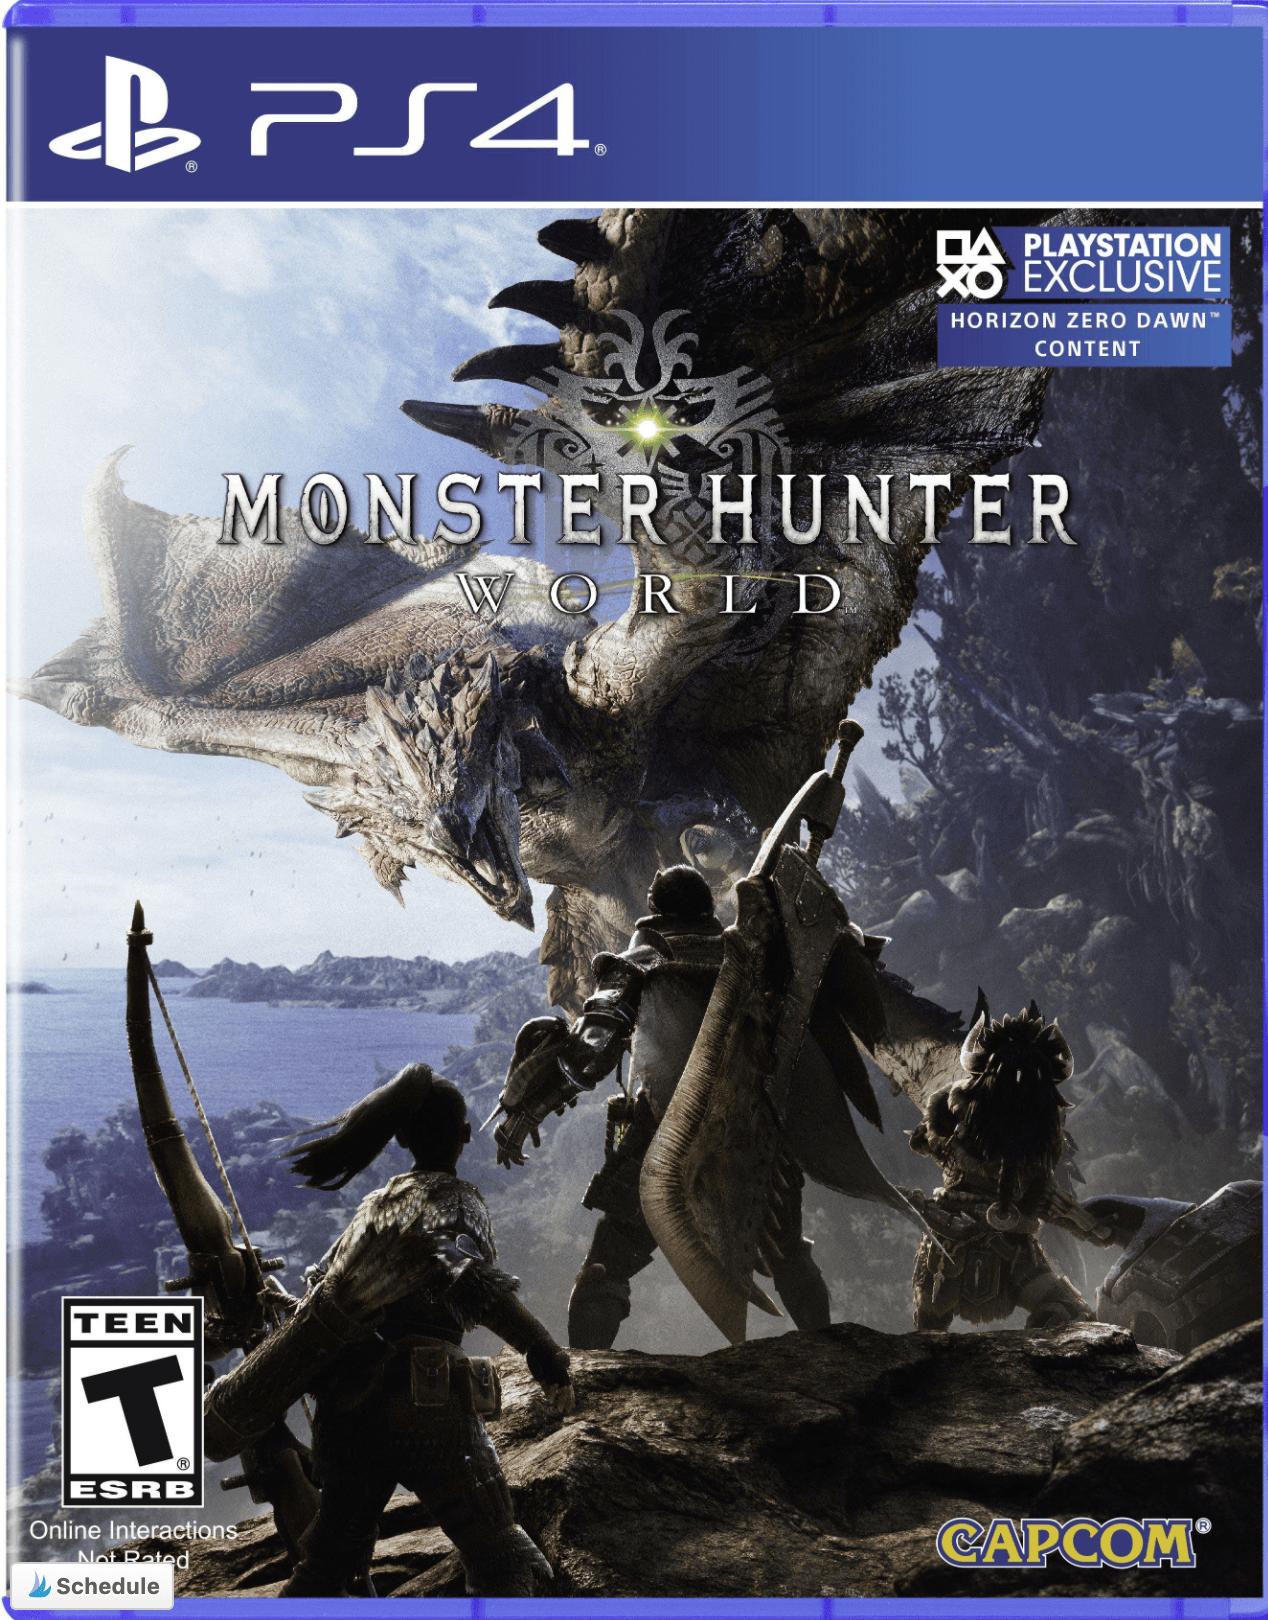 Monster Hunter World PS4 cover photo